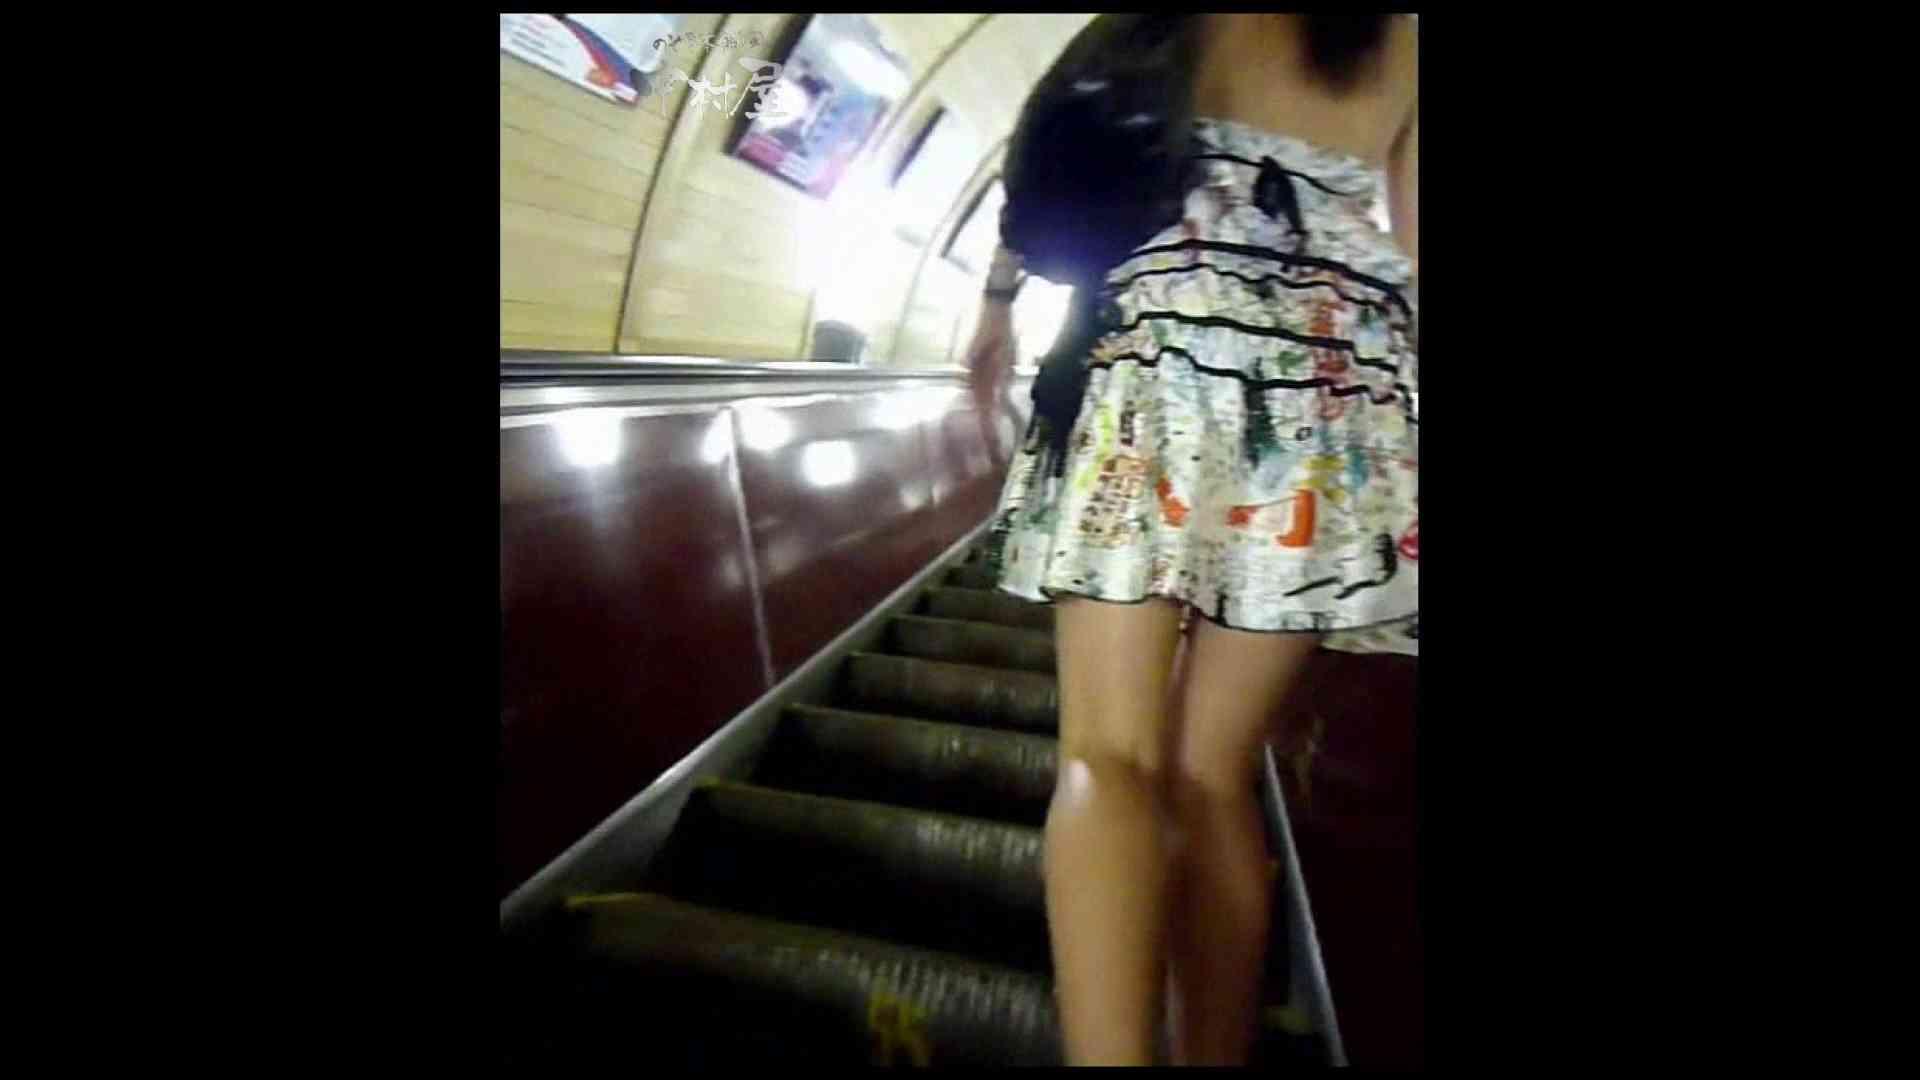 綺麗なモデルさんのスカート捲っちゃおう‼ vol30 お姉さんハメ撮り  109Pix 21